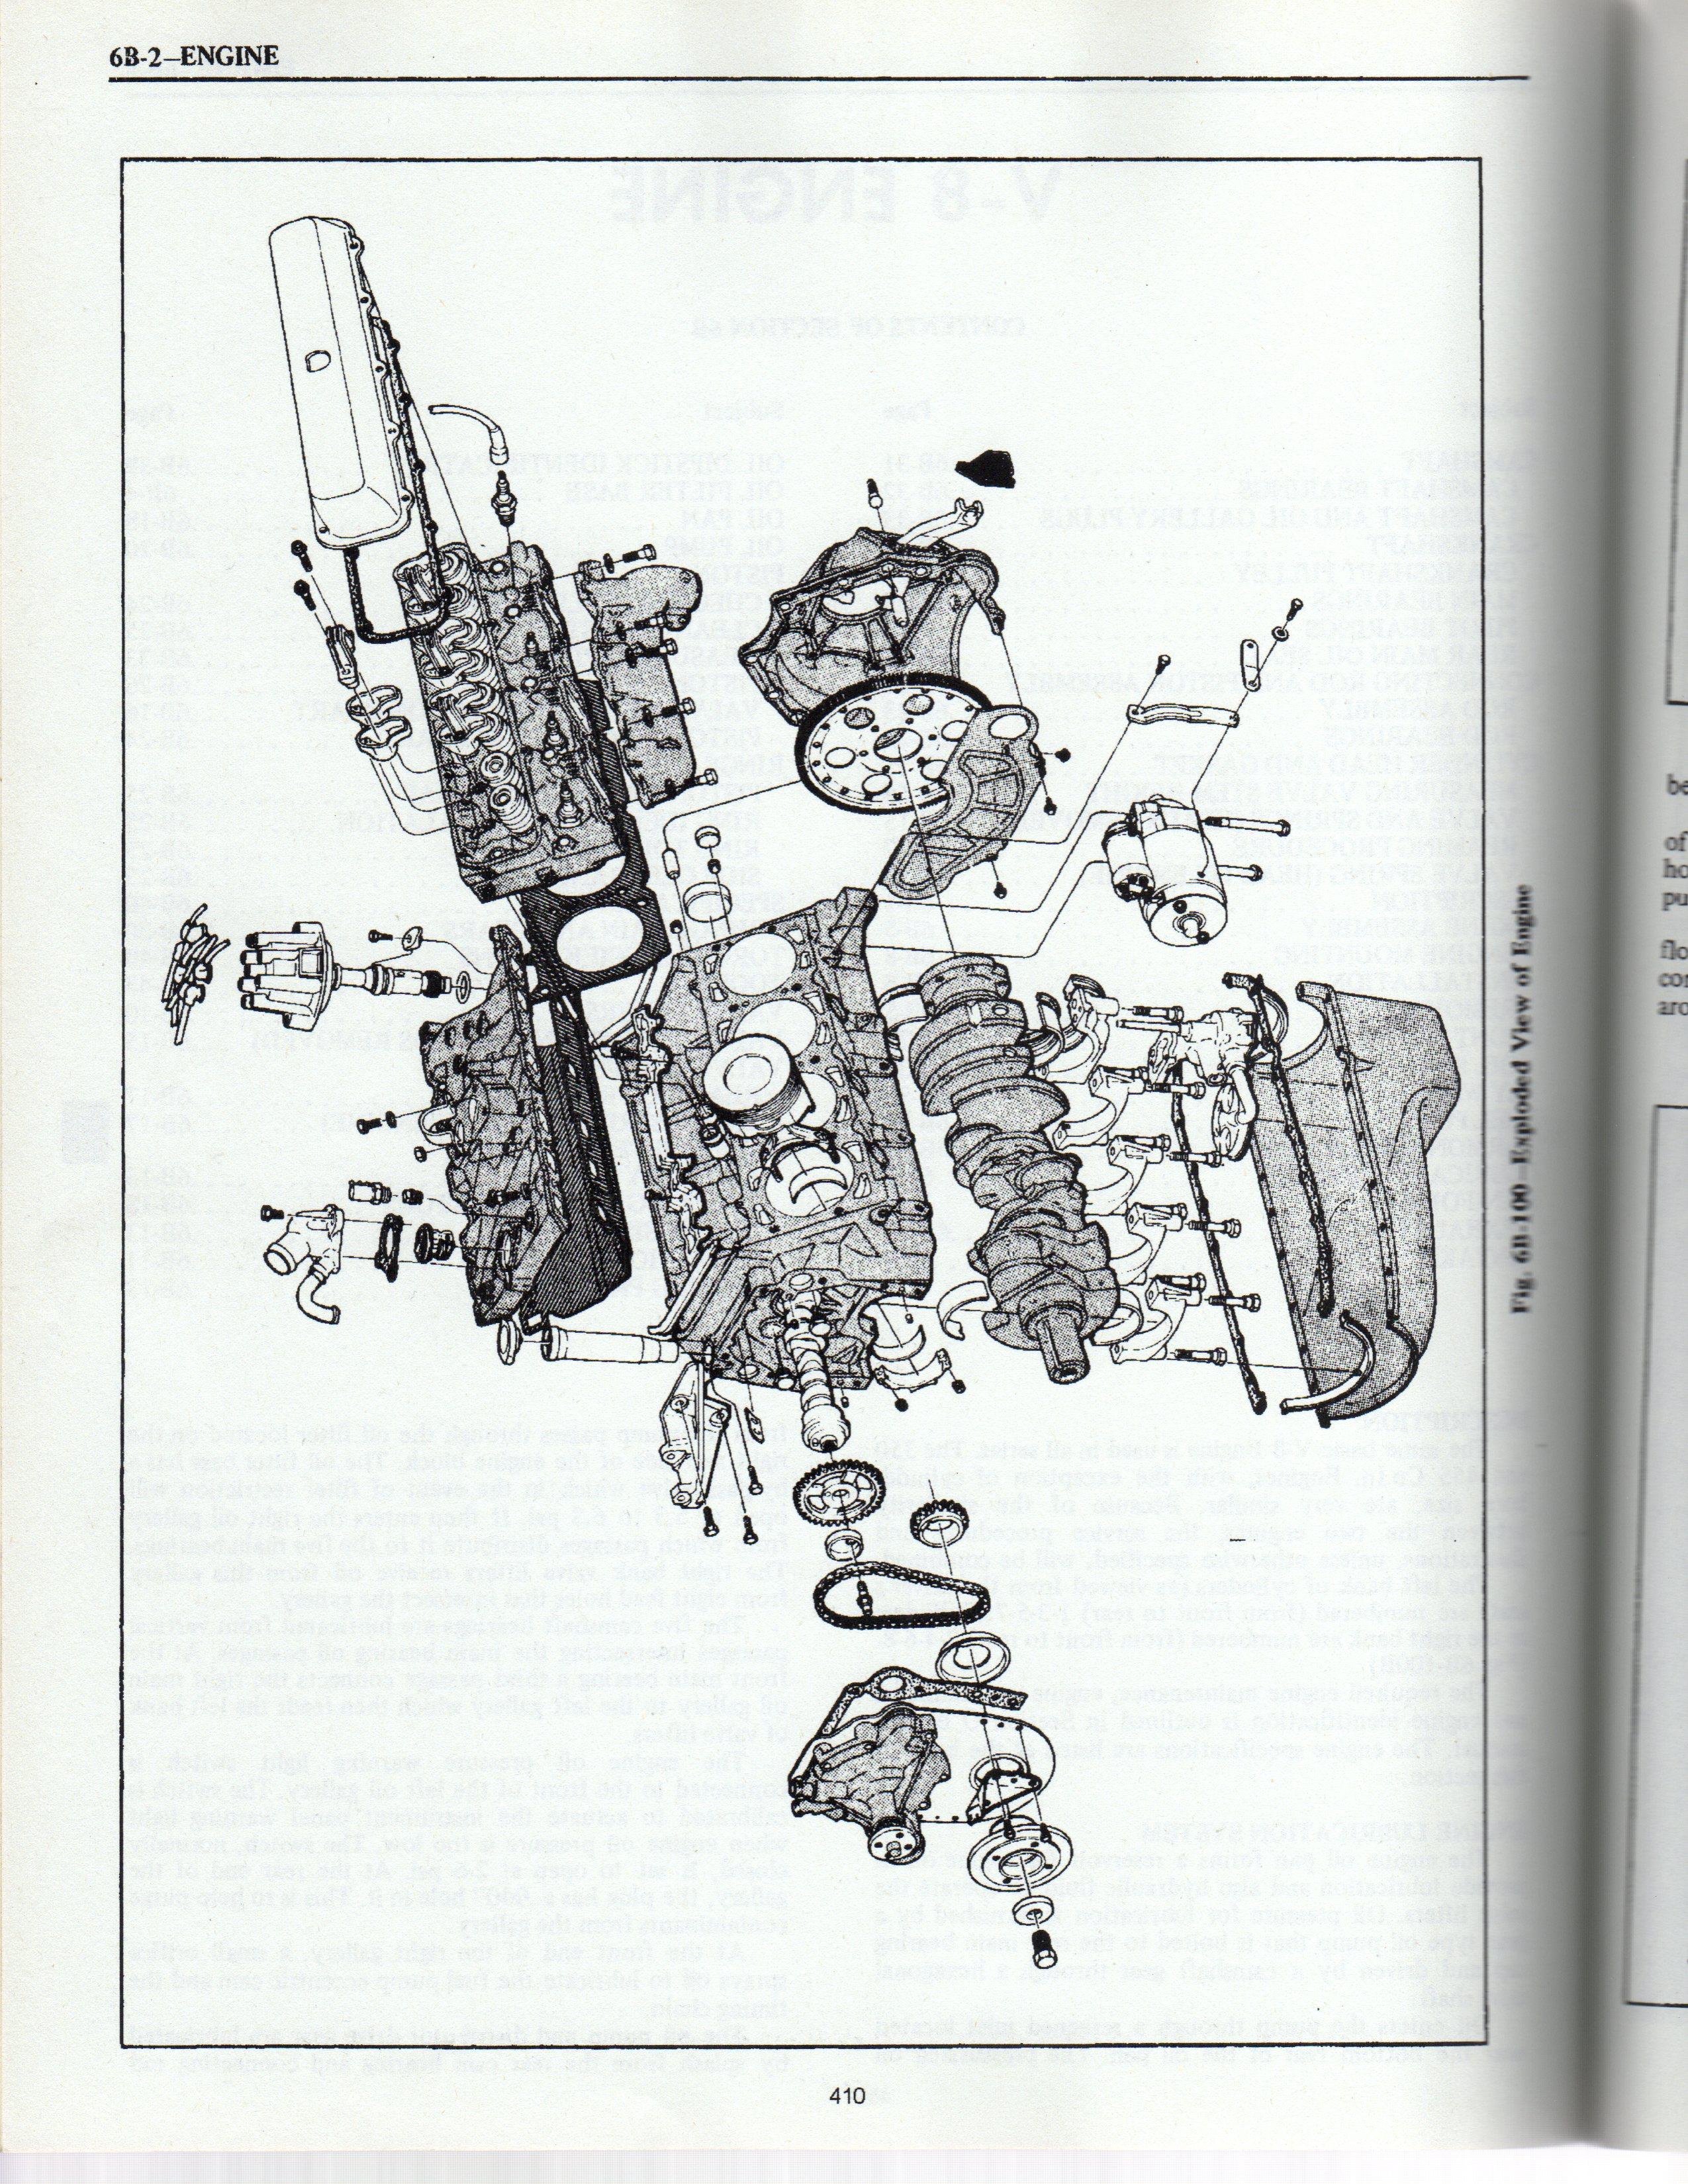 Oldsmobile 455 Engine Diagram - LEFT LANE BRAINLEFT LANE BRAIN